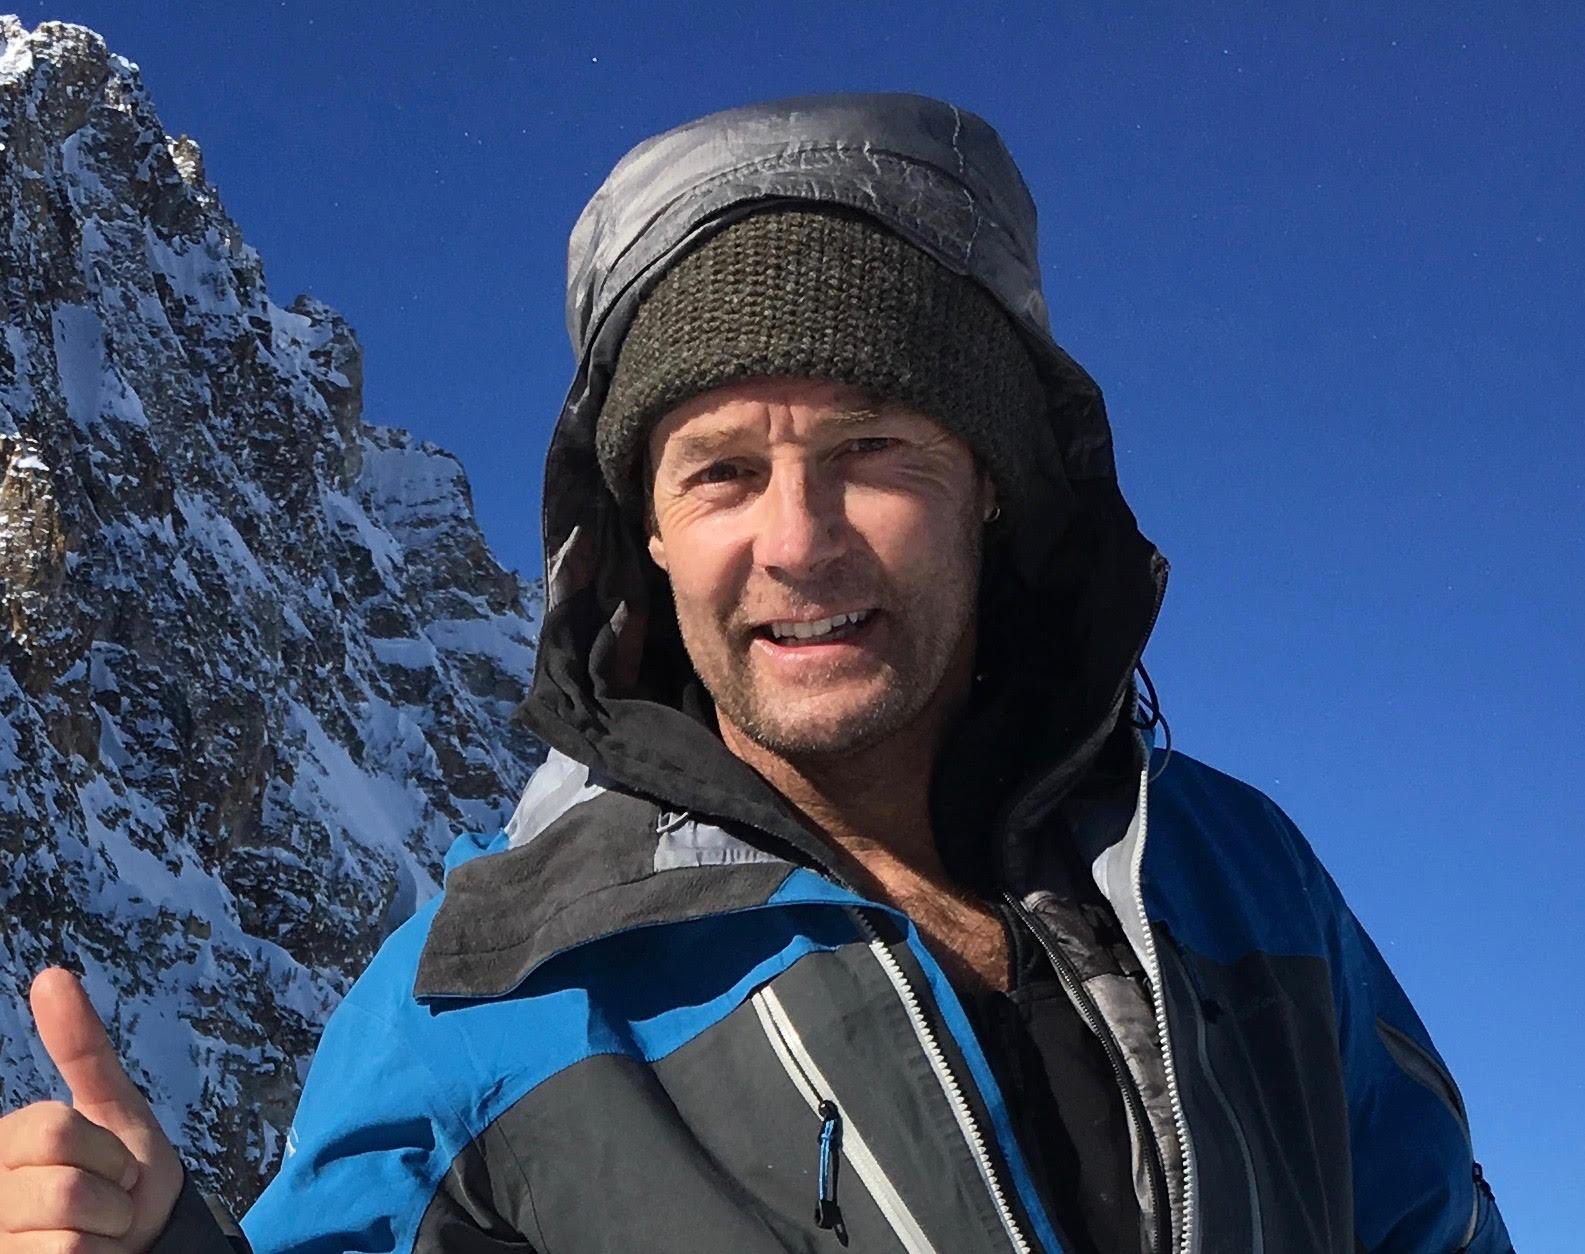 Gerry Moffatt